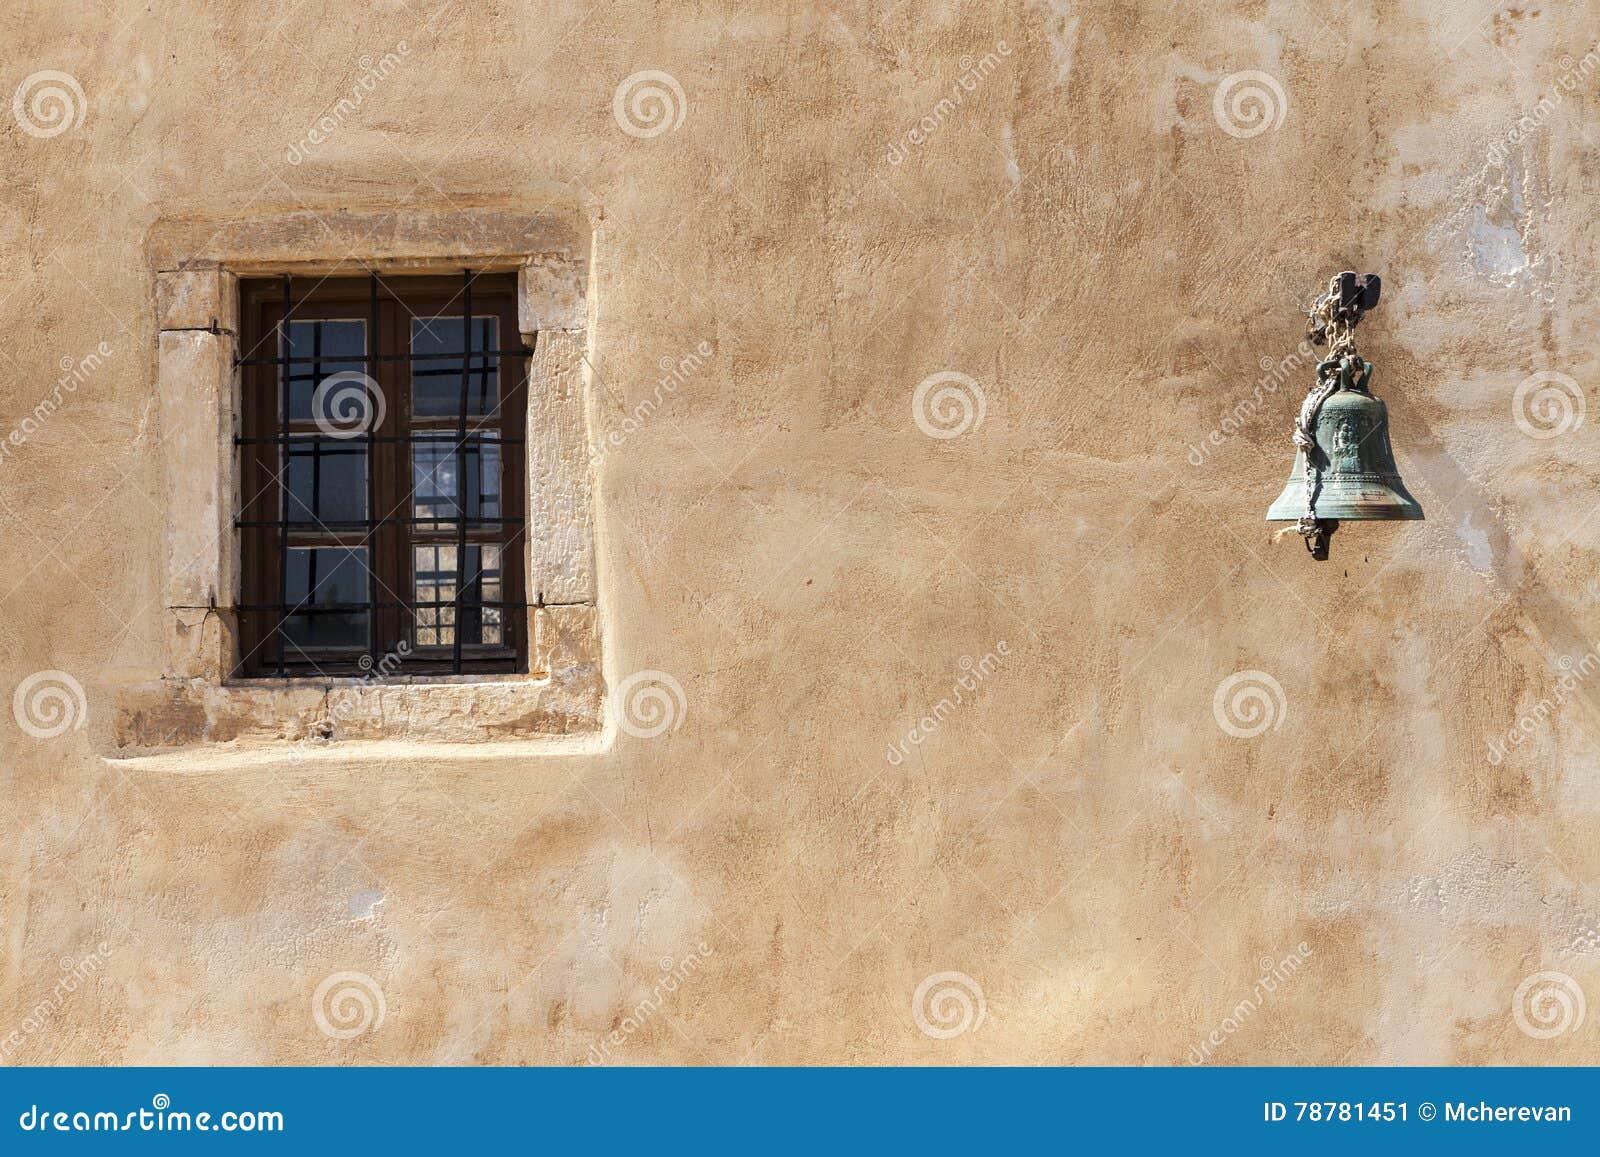 Das alte Gefängnismauerfenster mit Eisenstangen und Alarmglocke